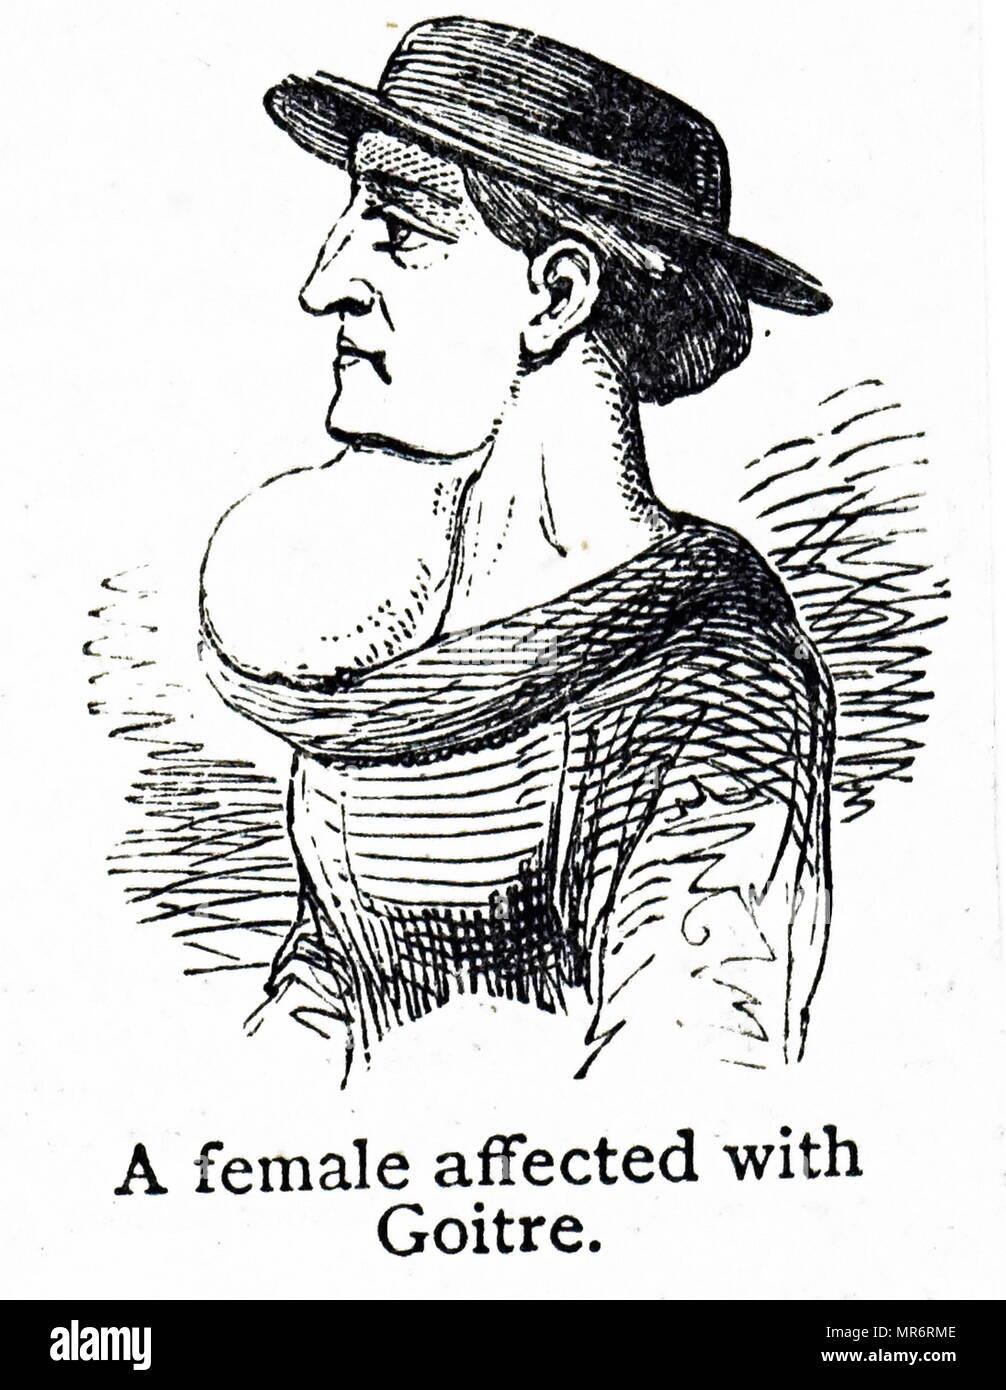 Grabado representando una mujer afectada con bocio. El bocio es la hinchazón del cuello resultante de un agrandamiento de la glándula tiroides. Fecha del siglo XIX Imagen De Stock